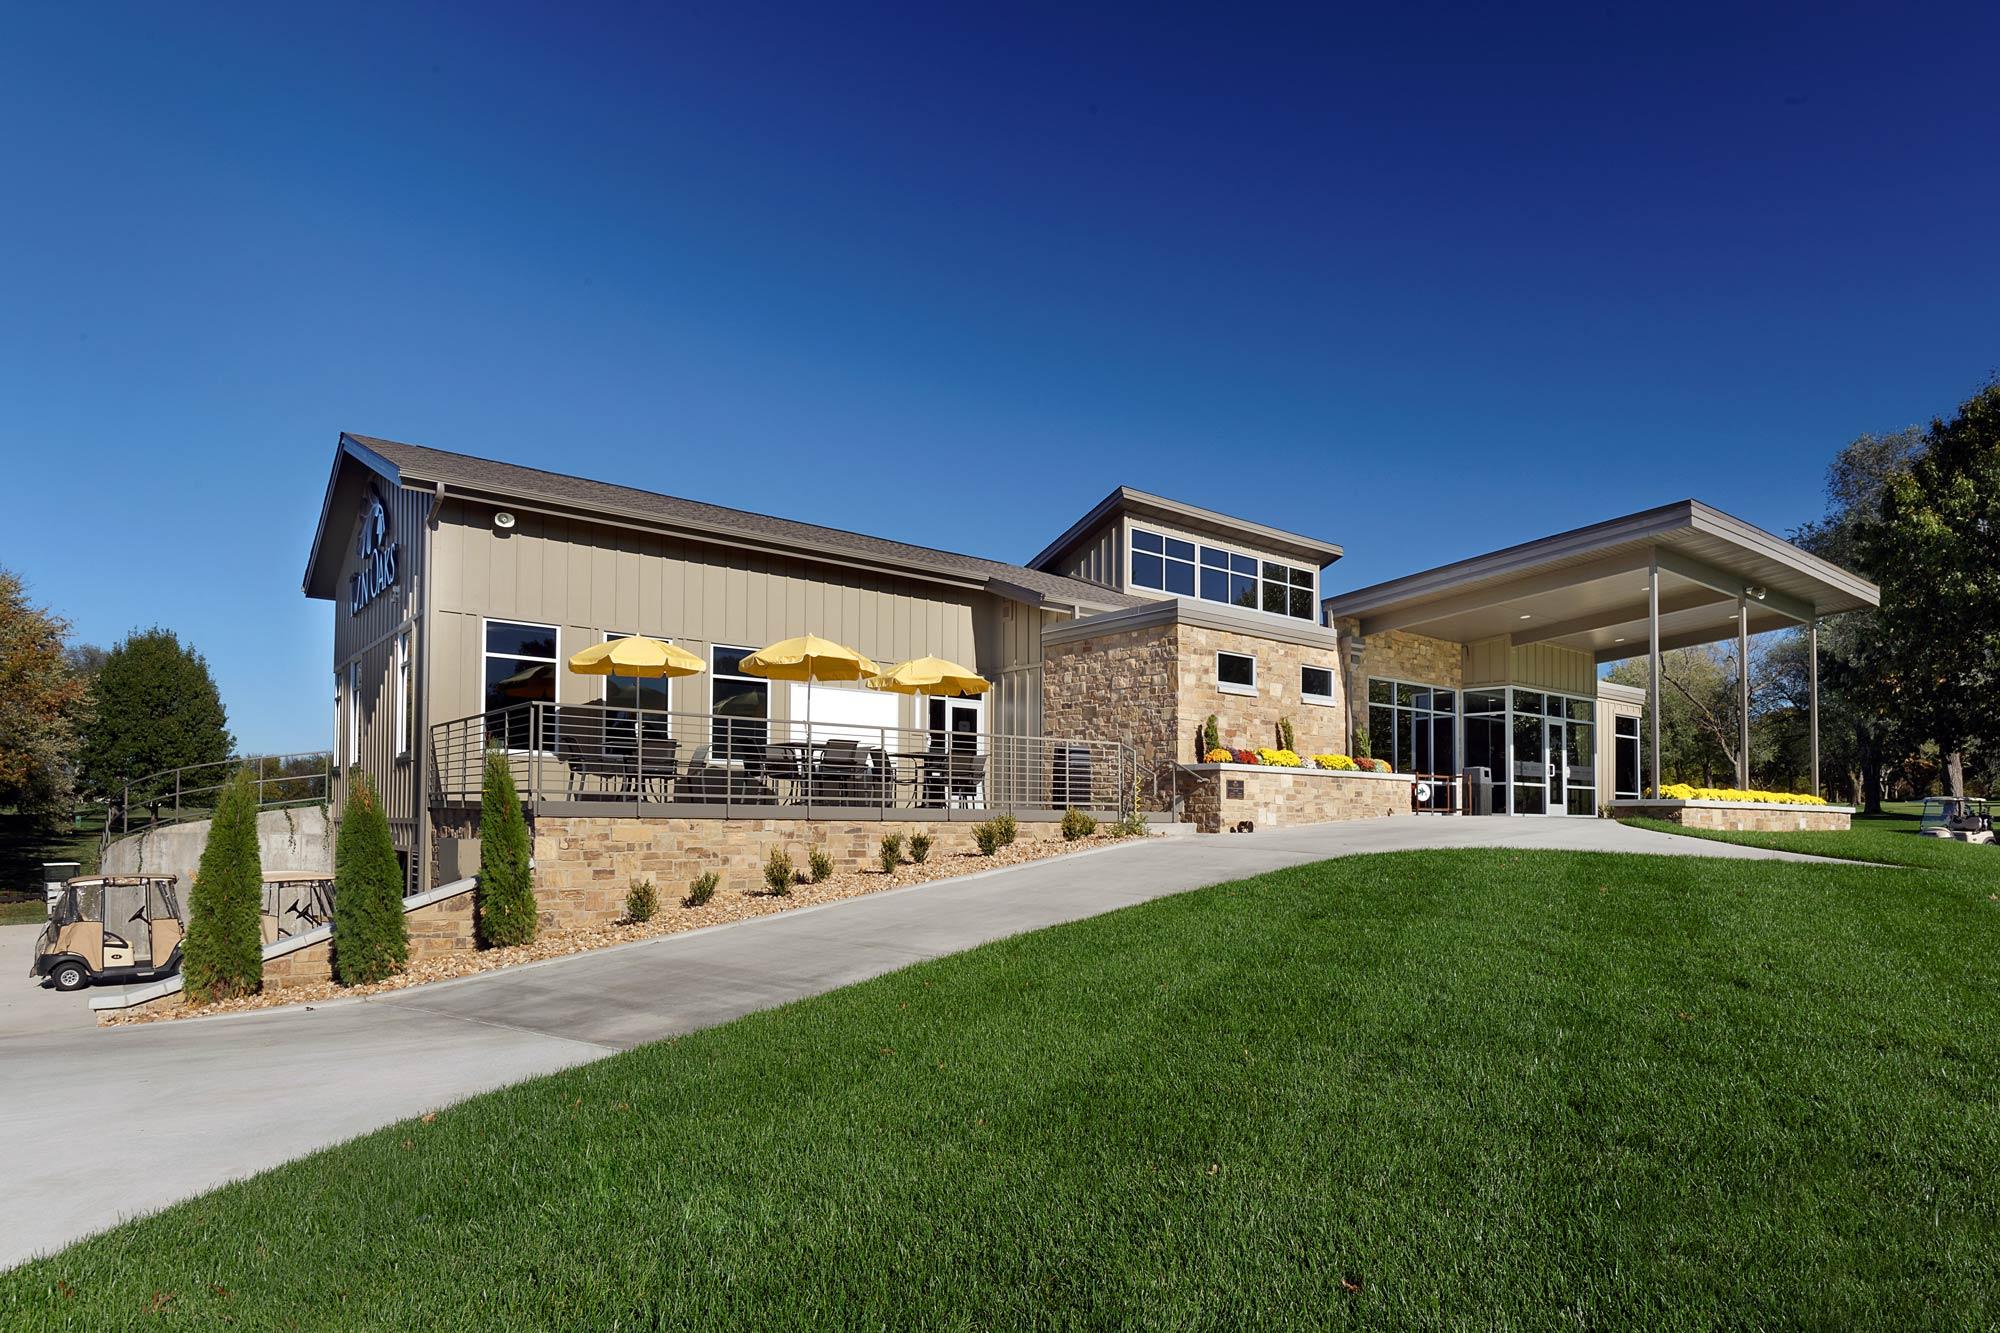 Twin-Oaks-Golf-Pro-Shop-H-Design-Exterior-05.jpg